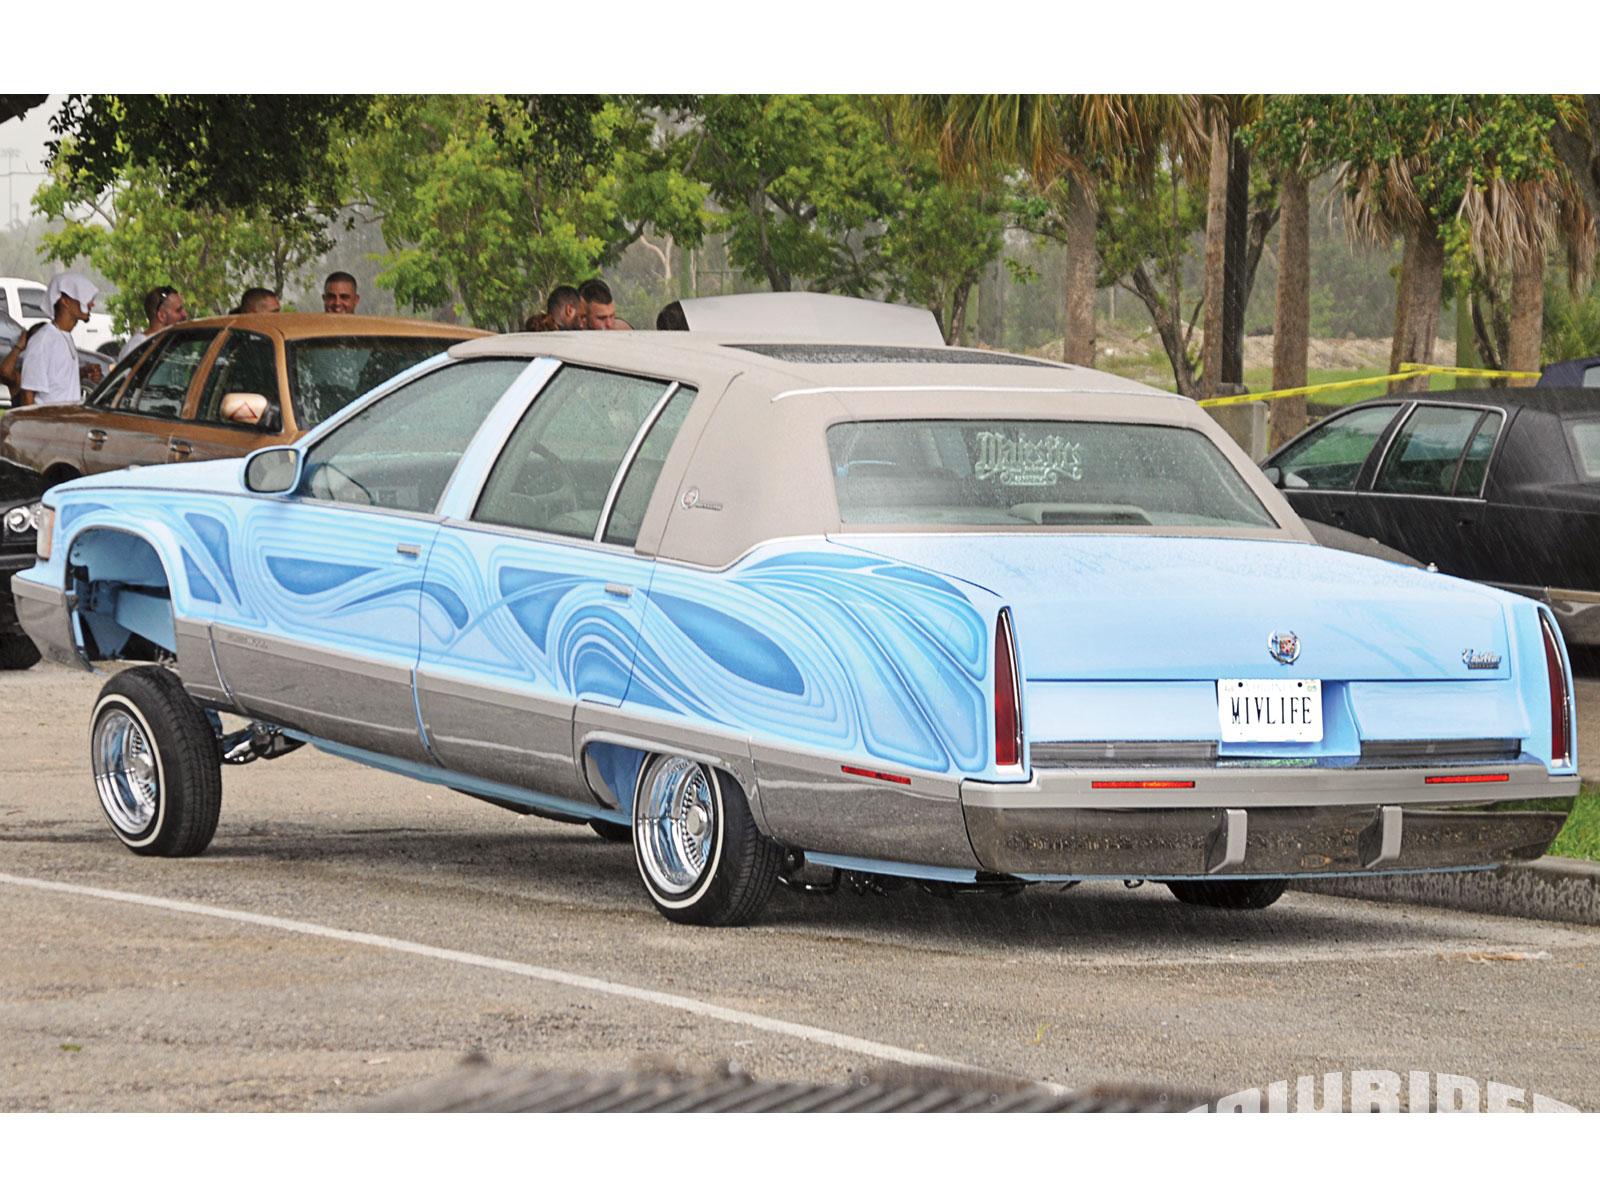 Lowrider Miami >> Majestics Car Club First Annual Miami Picnic - Lowrider Magazine